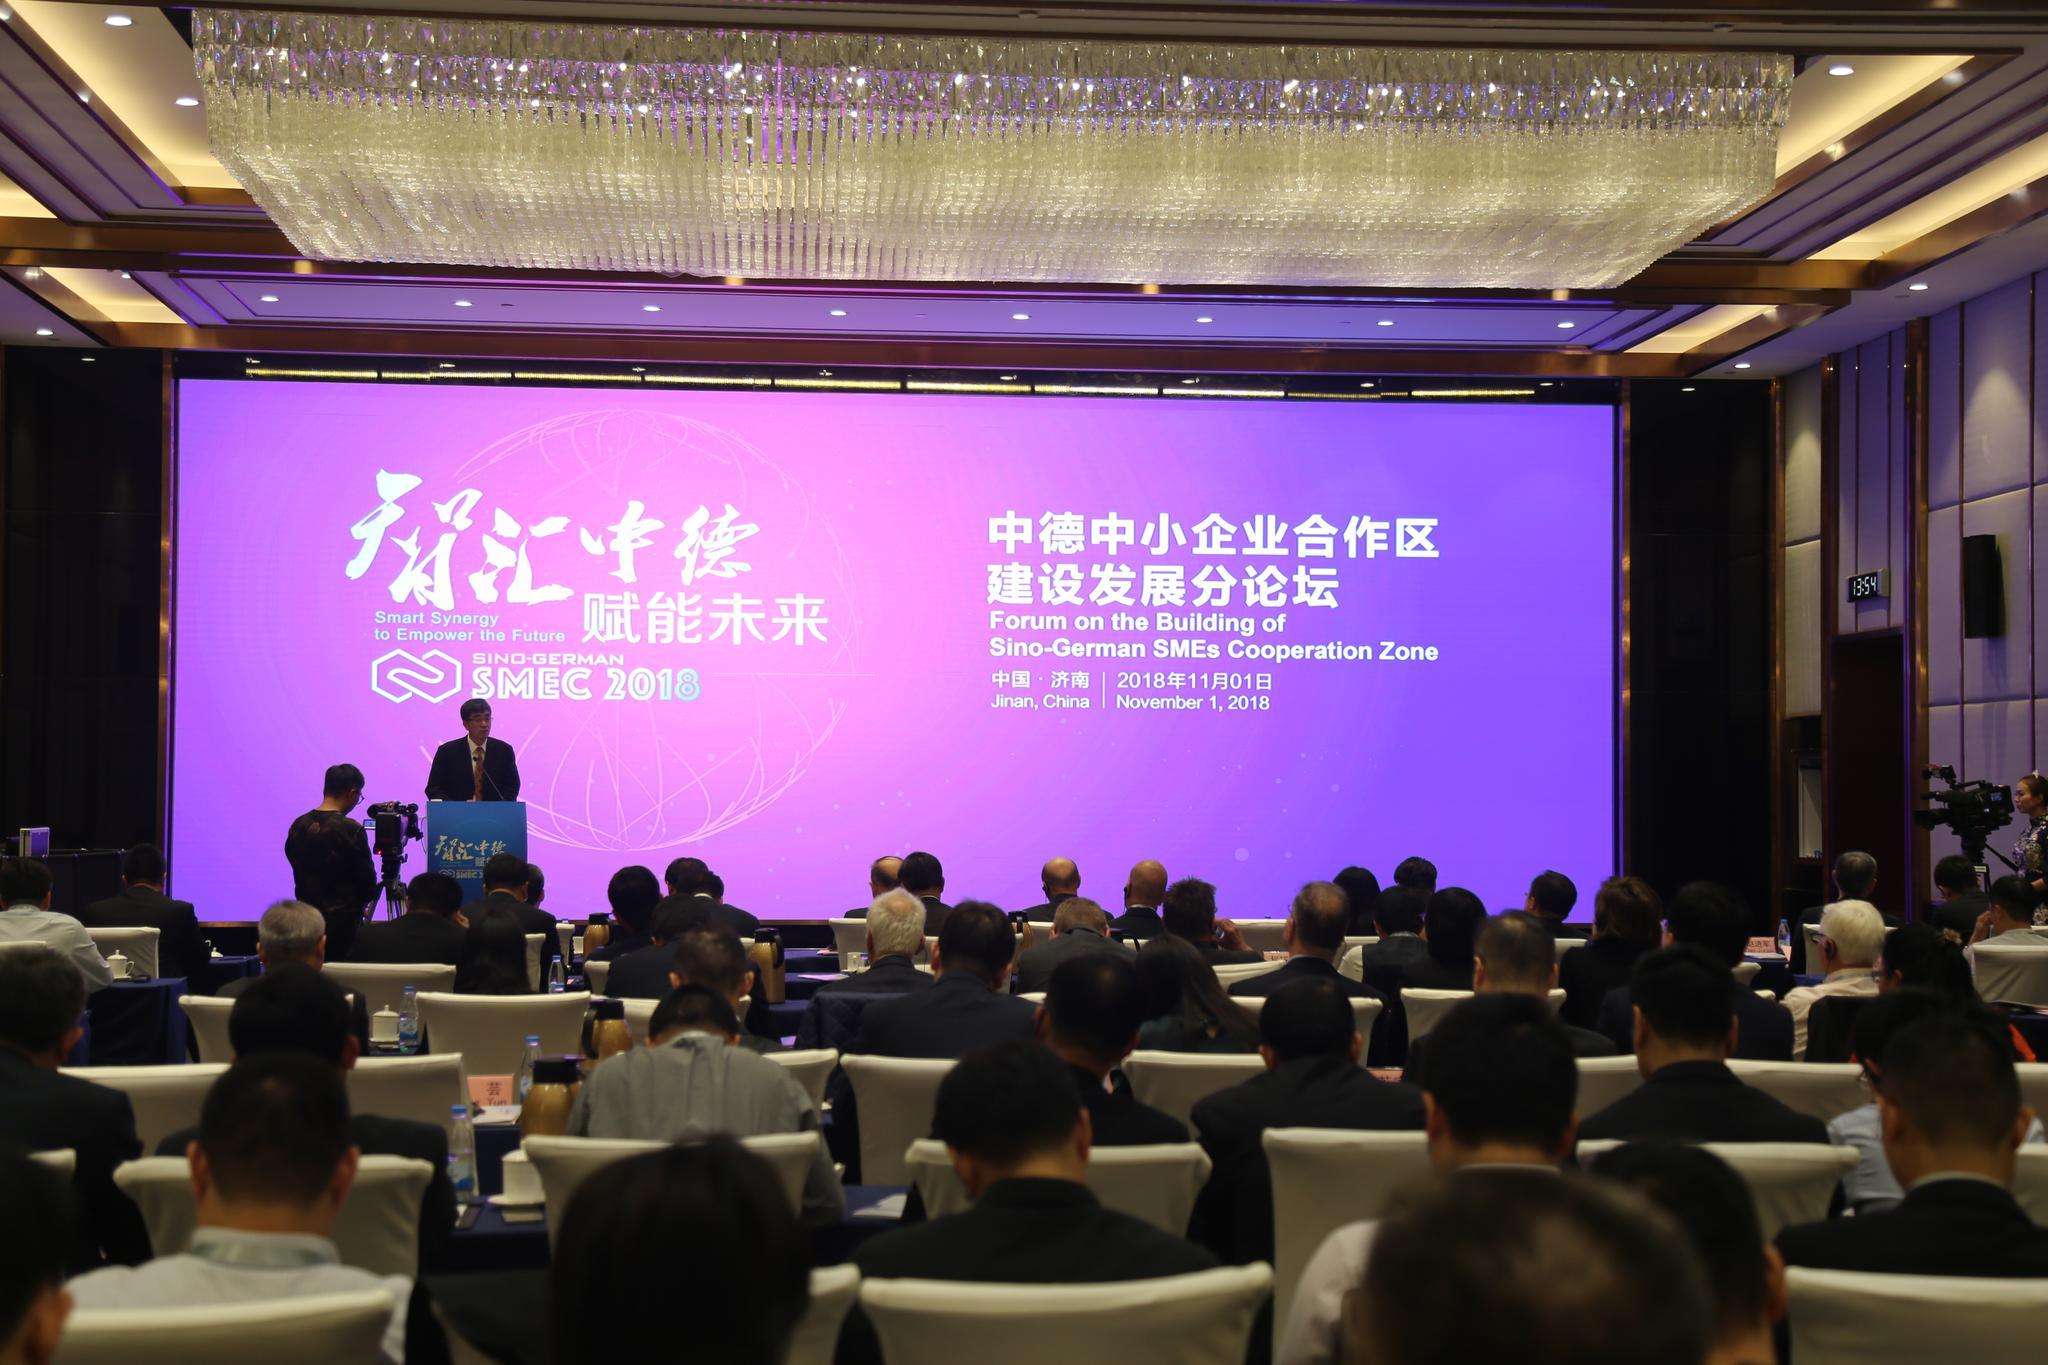 中德(济南)中小企业合作区建设发展论坛在济南举办|中小企业|合作区|济南